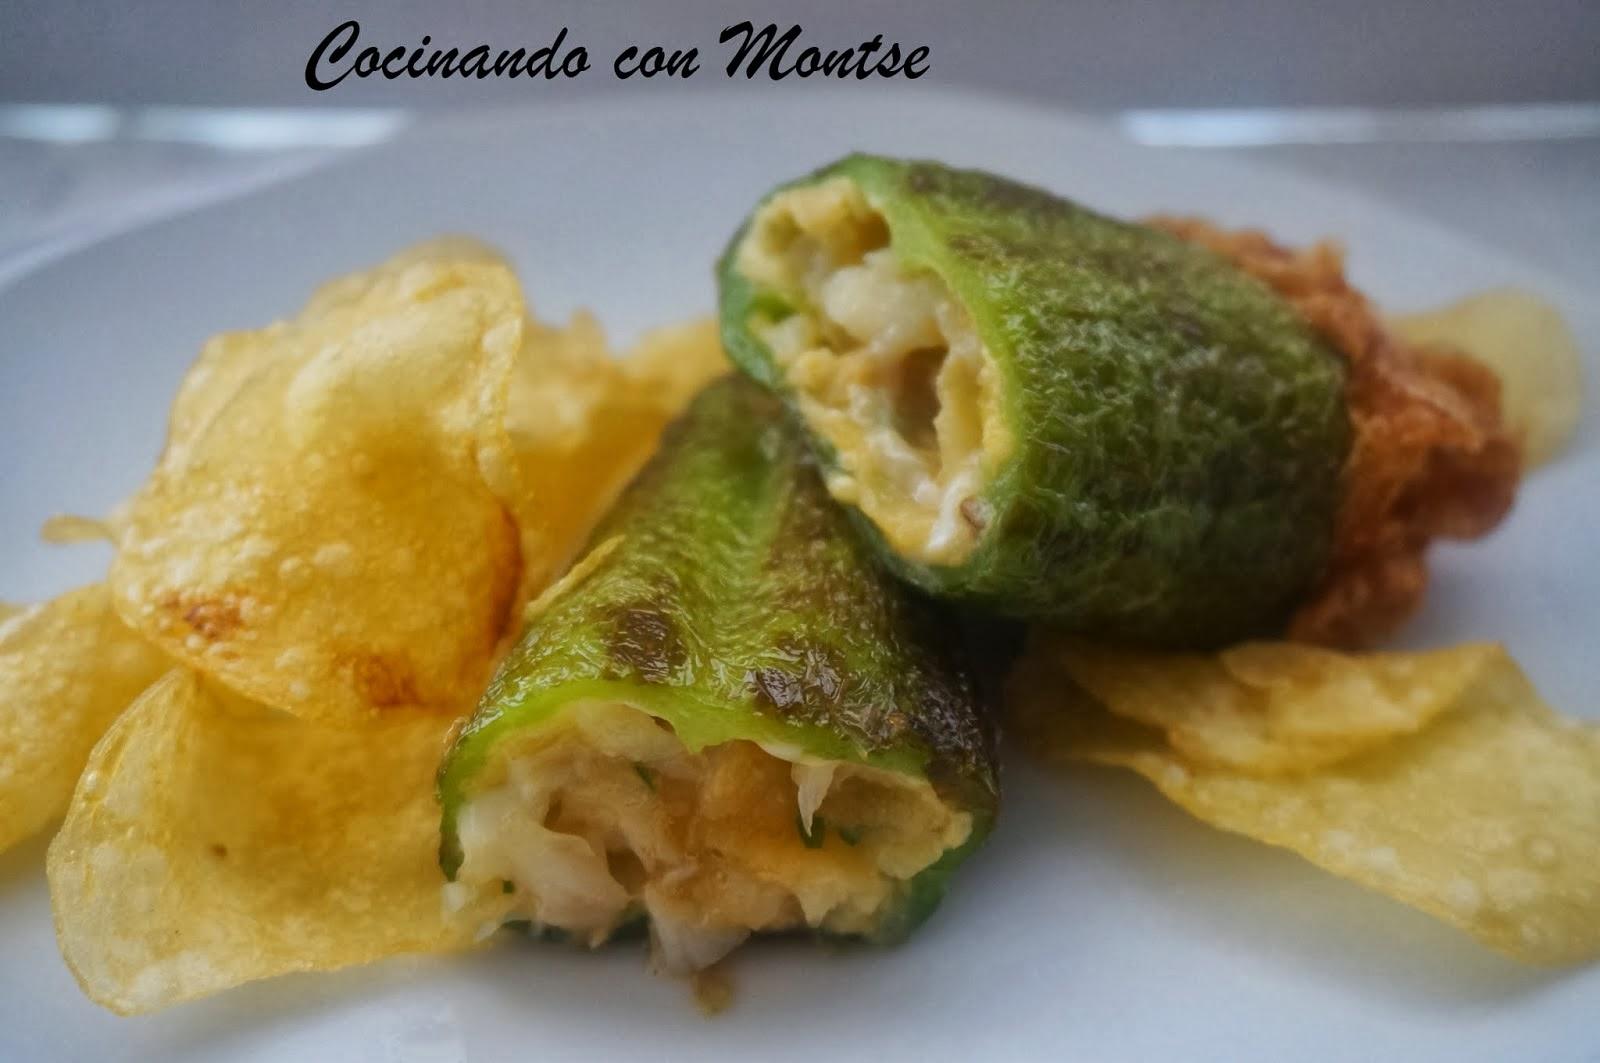 http://www.cocinandoconmontse.com/2014/01/pimientos-rellenos-de-revuelto-de_28.html